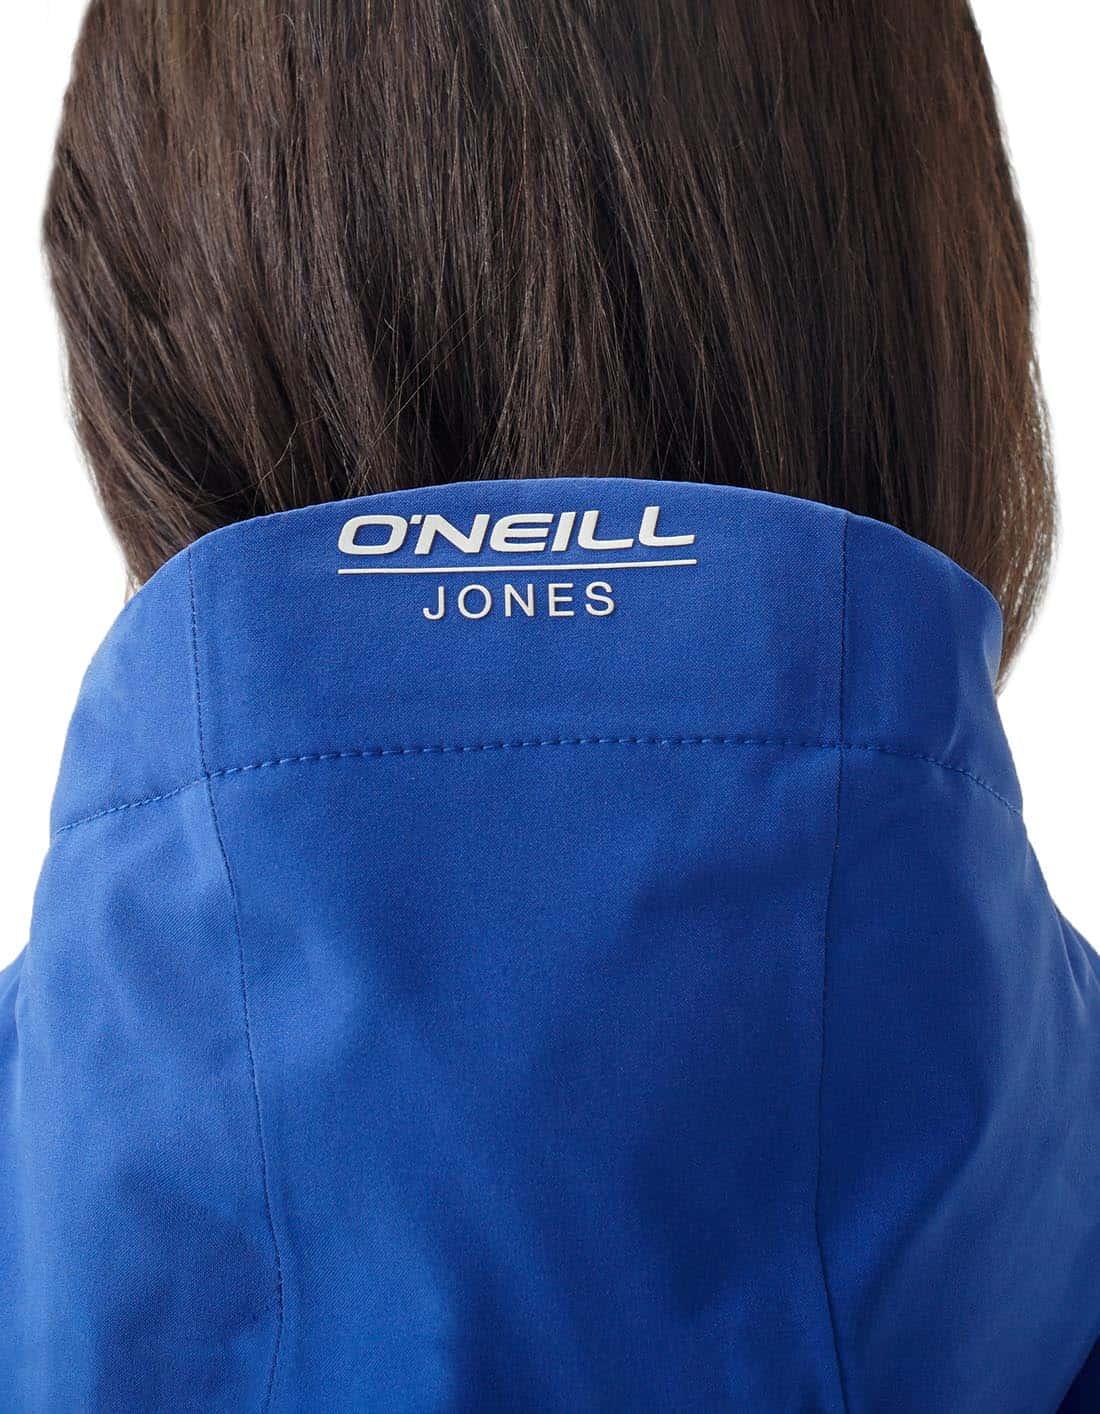 Contour O Neill női újrahasznosított poliészter kabát model részlet2 dae5f2daf9